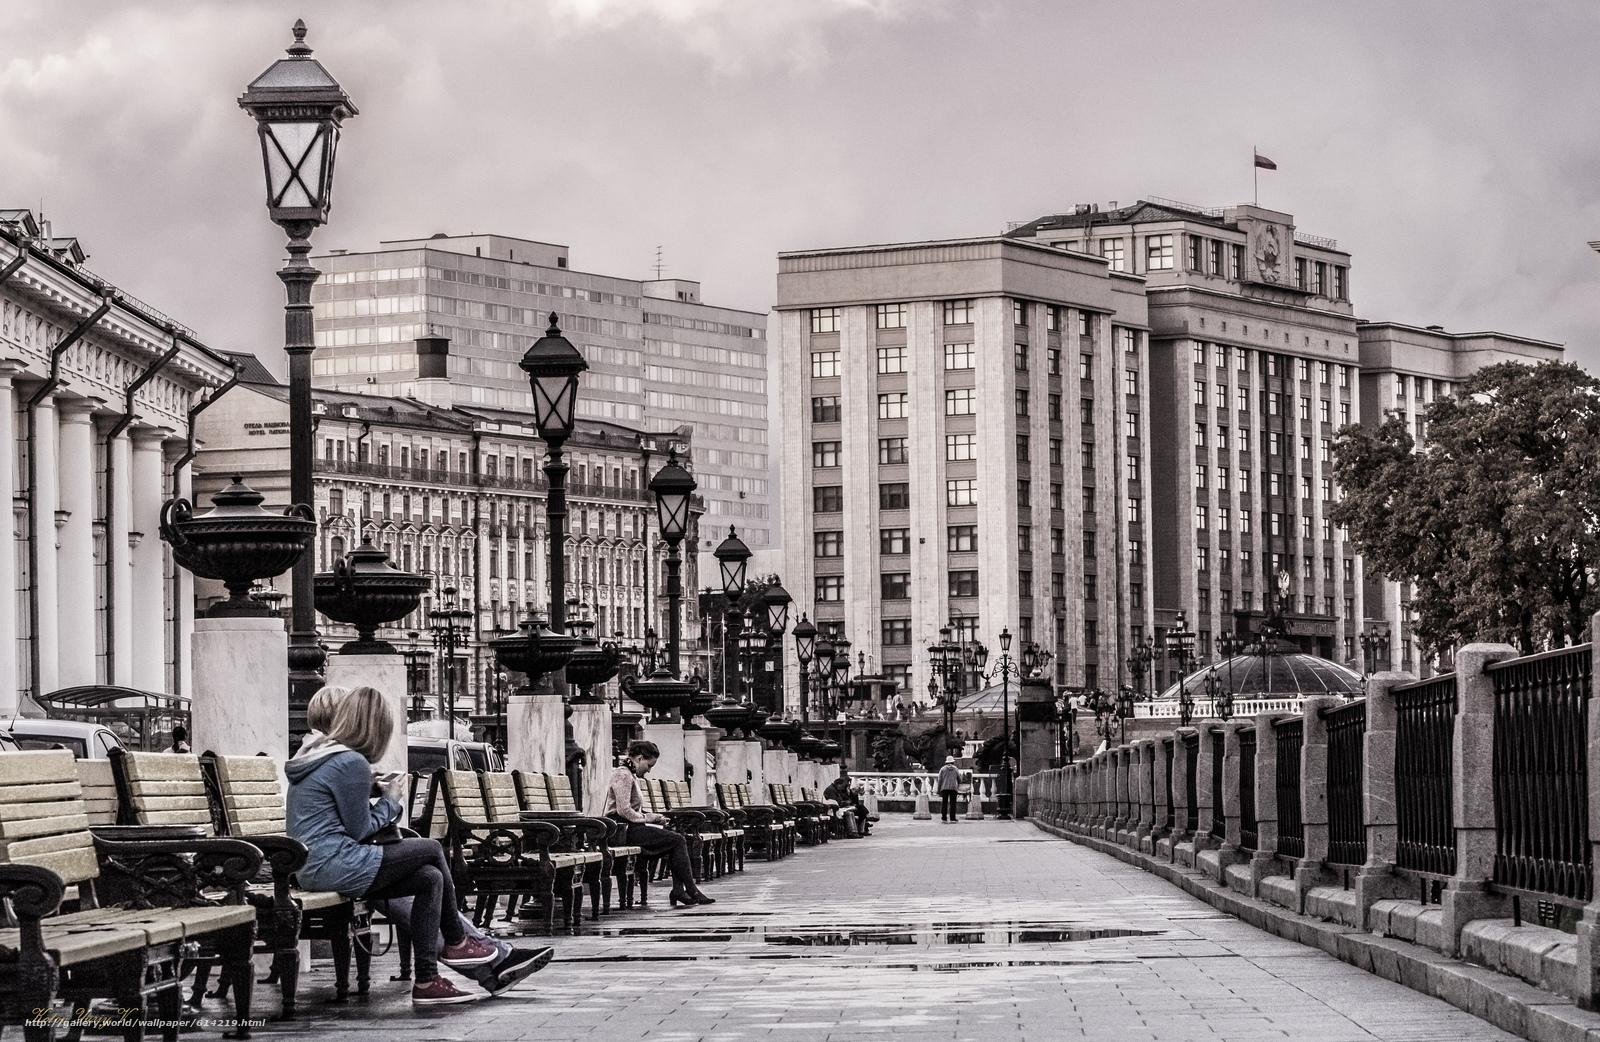 Скачать обои скамейка,  люди,  фонарь,  здание бесплатно для рабочего стола в разрешении 5164x3364 — картинка №614219